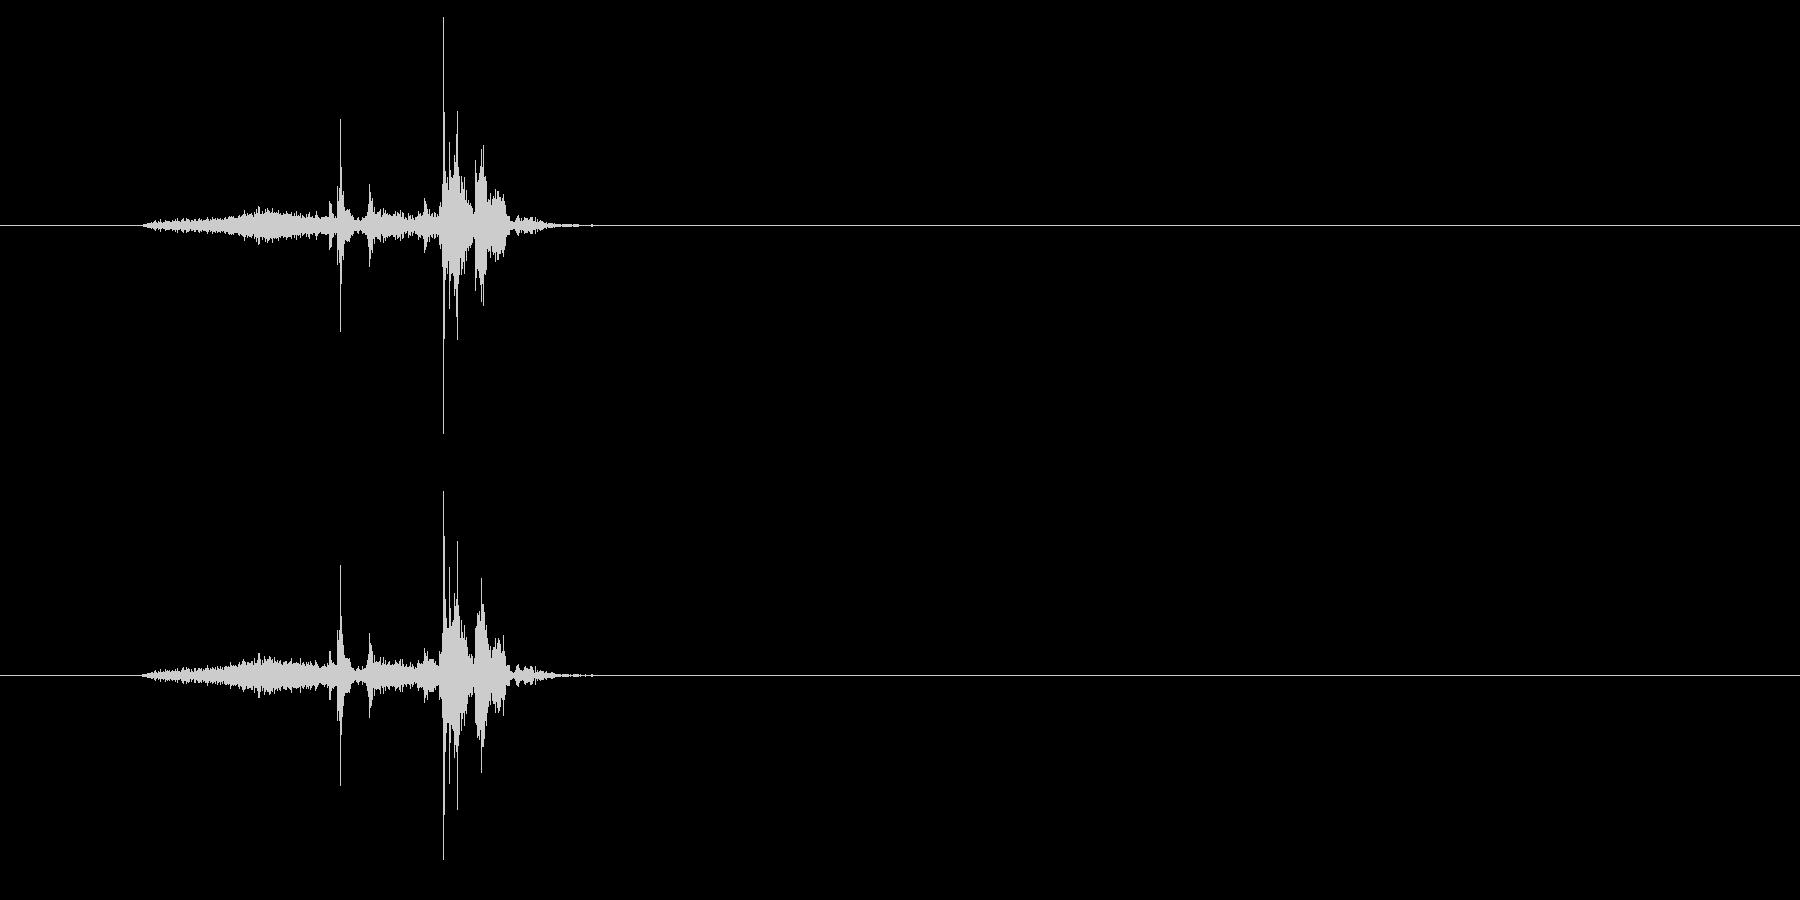 ペラッ (本などのページをめくる02)の未再生の波形